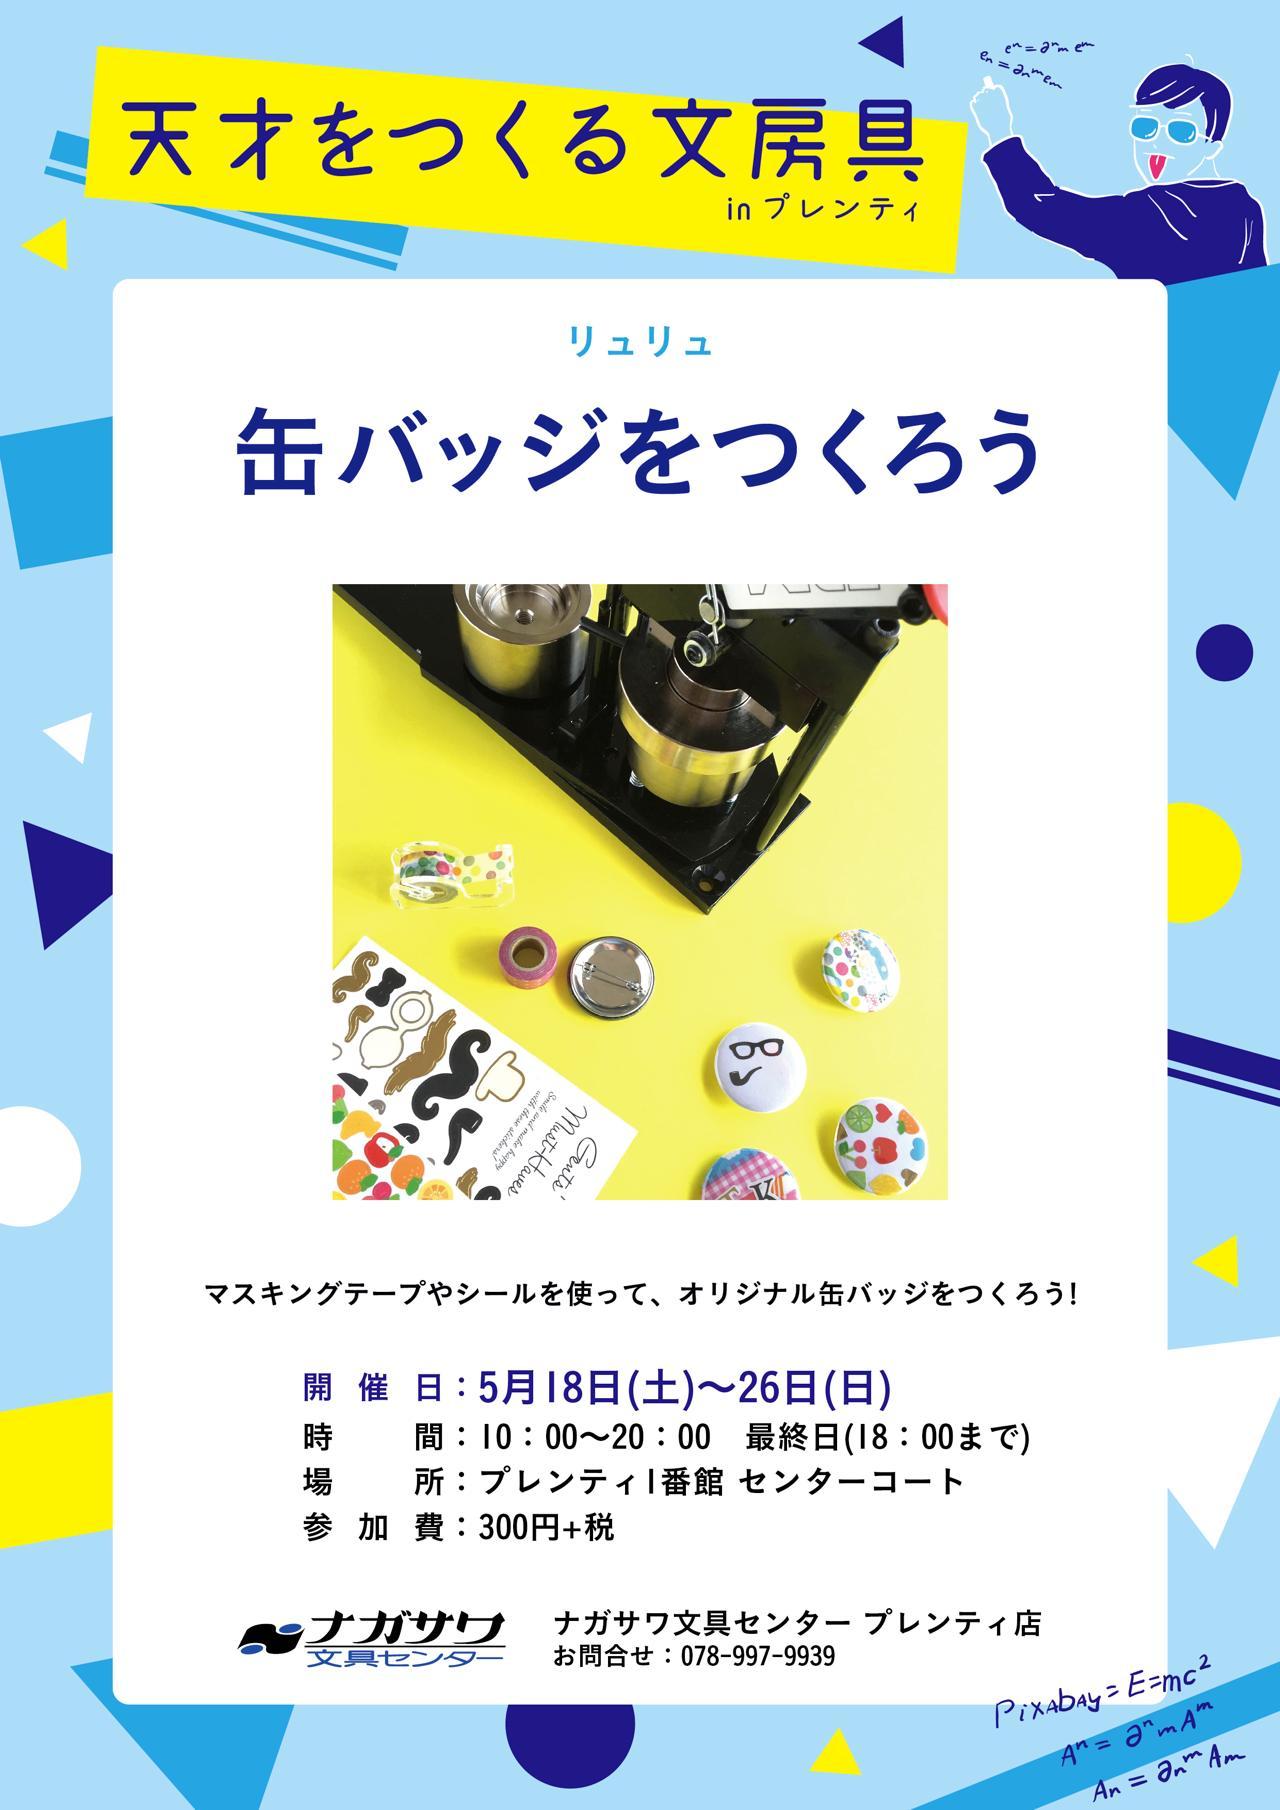 【プレンティ店】『天才をつくる文房具』と題してワークショップや実演販売イベントを開催中!